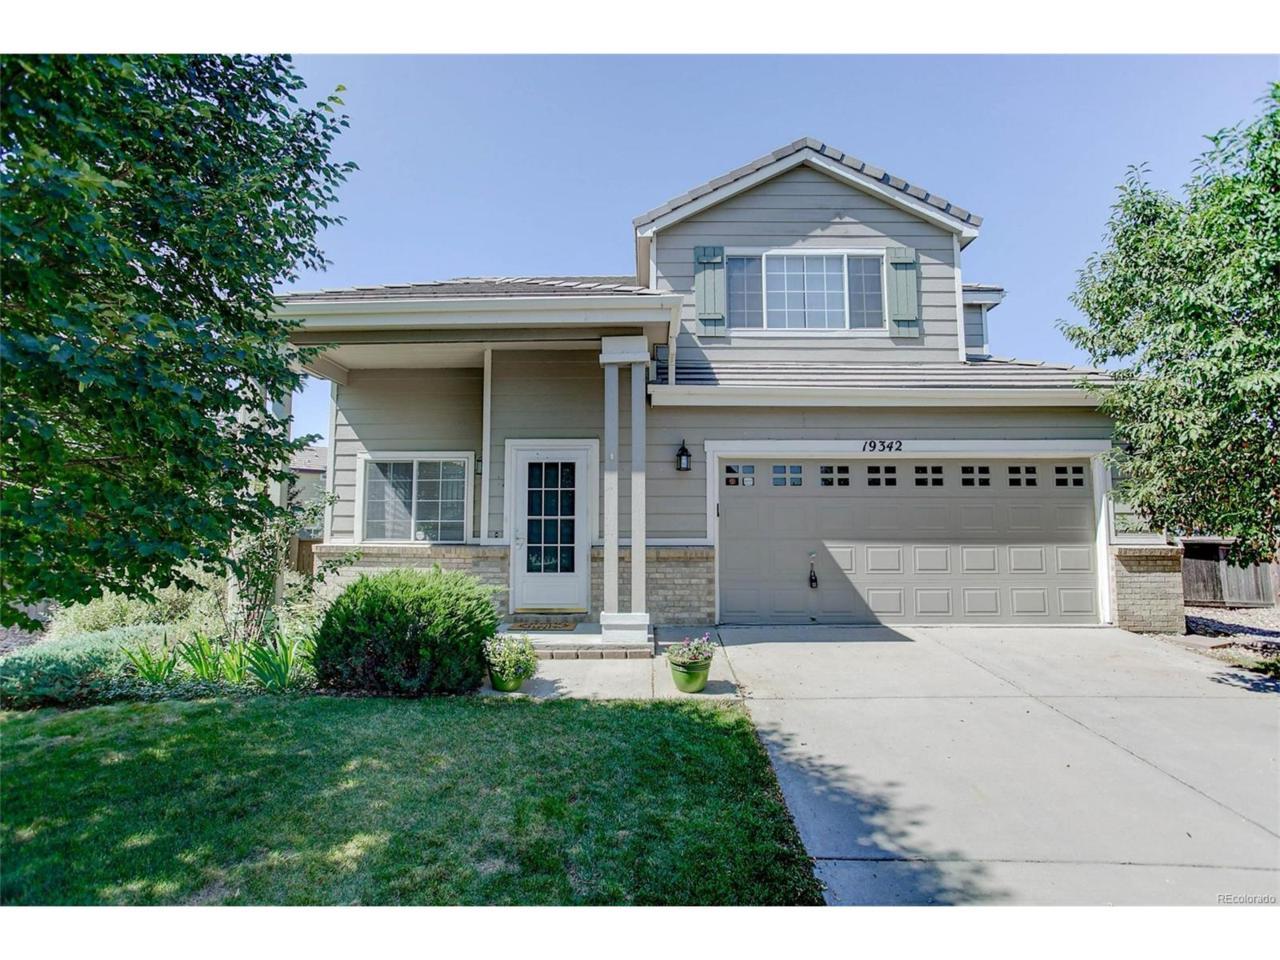 19342 E 58th Place, Aurora, CO 80019 (MLS #2963492) :: 8z Real Estate